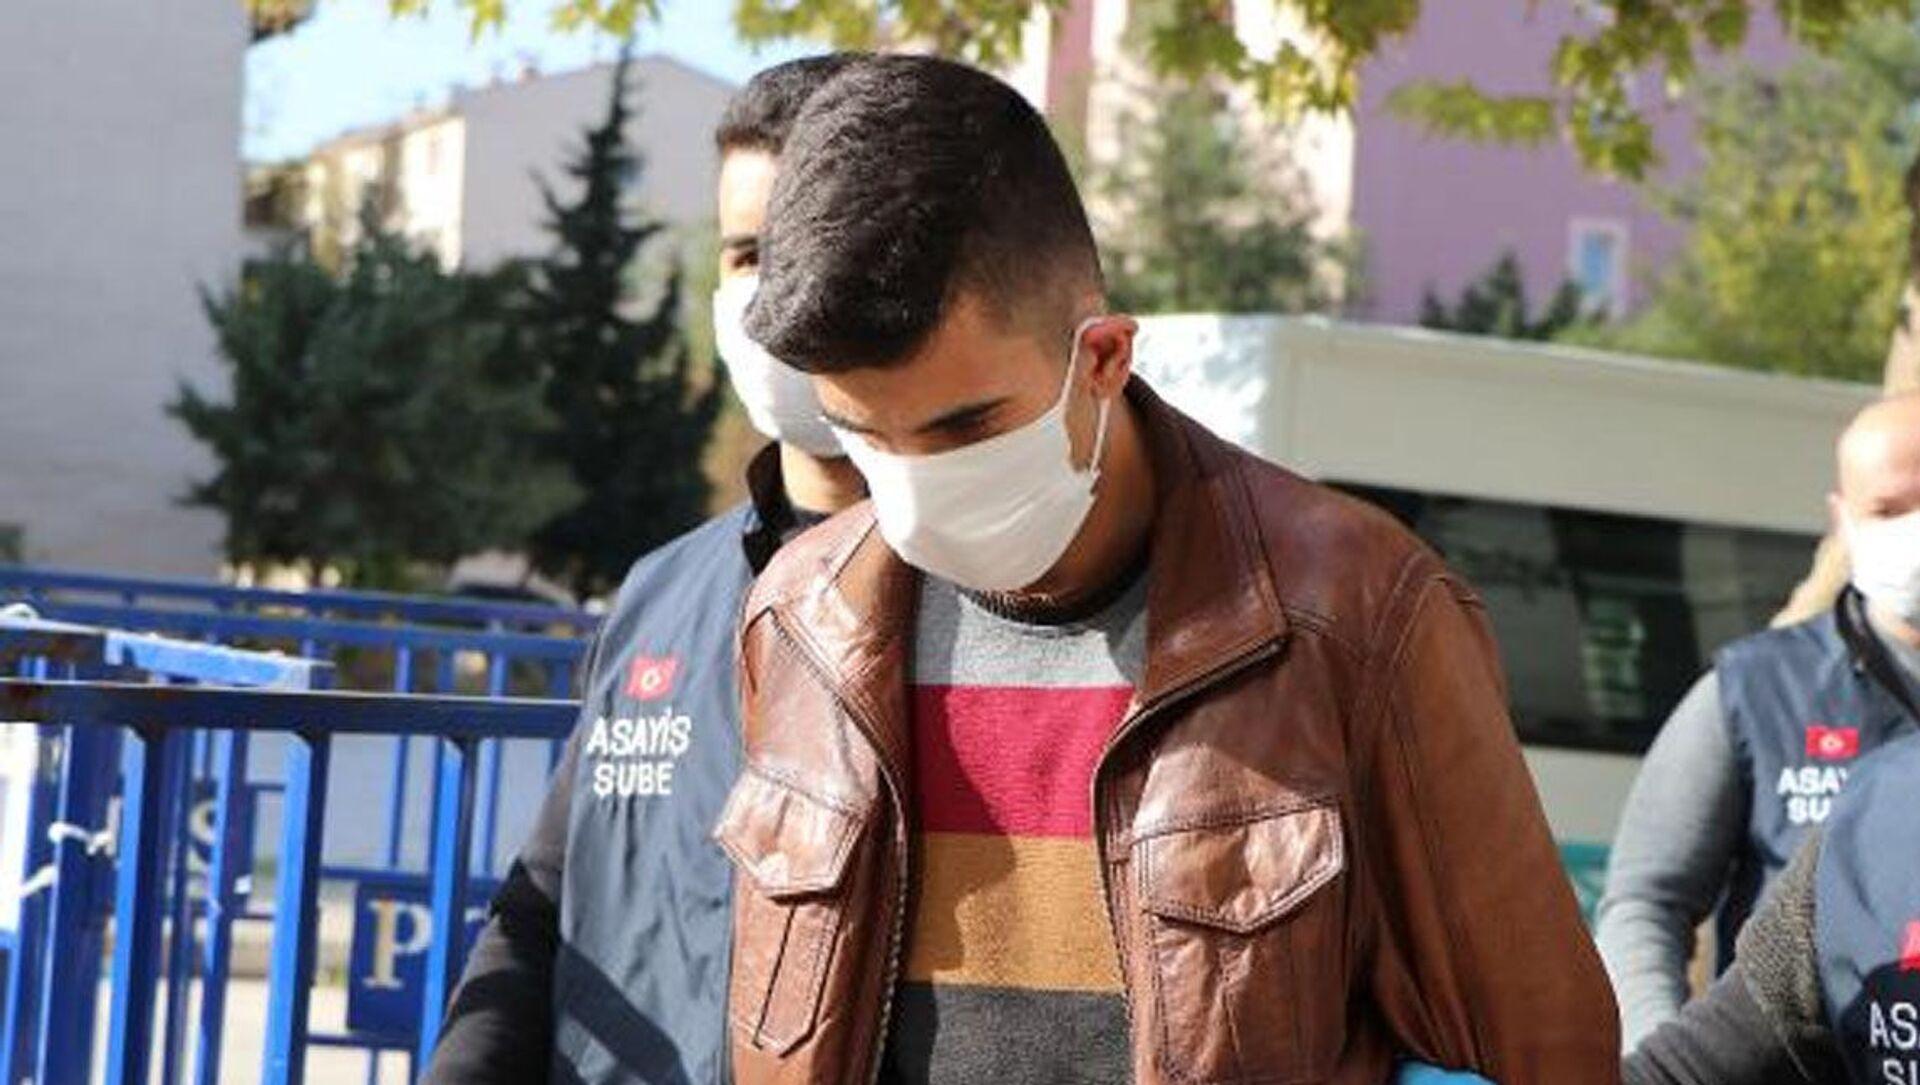 Denizli'nin Pamukkale ilçesinde, geçen yıl üniversite öğrencisi olan sevgilisi Cennet Tuğba Tokbaş'ı (22) boğarak öldürdüğü iddiasıyla tutuklananRecep Eray Hakver(22) hakkında, 'kasten öldürme' suçundan müebbet hapis istemiyle dava açıldı. - Sputnik Türkiye, 1920, 24.04.2021